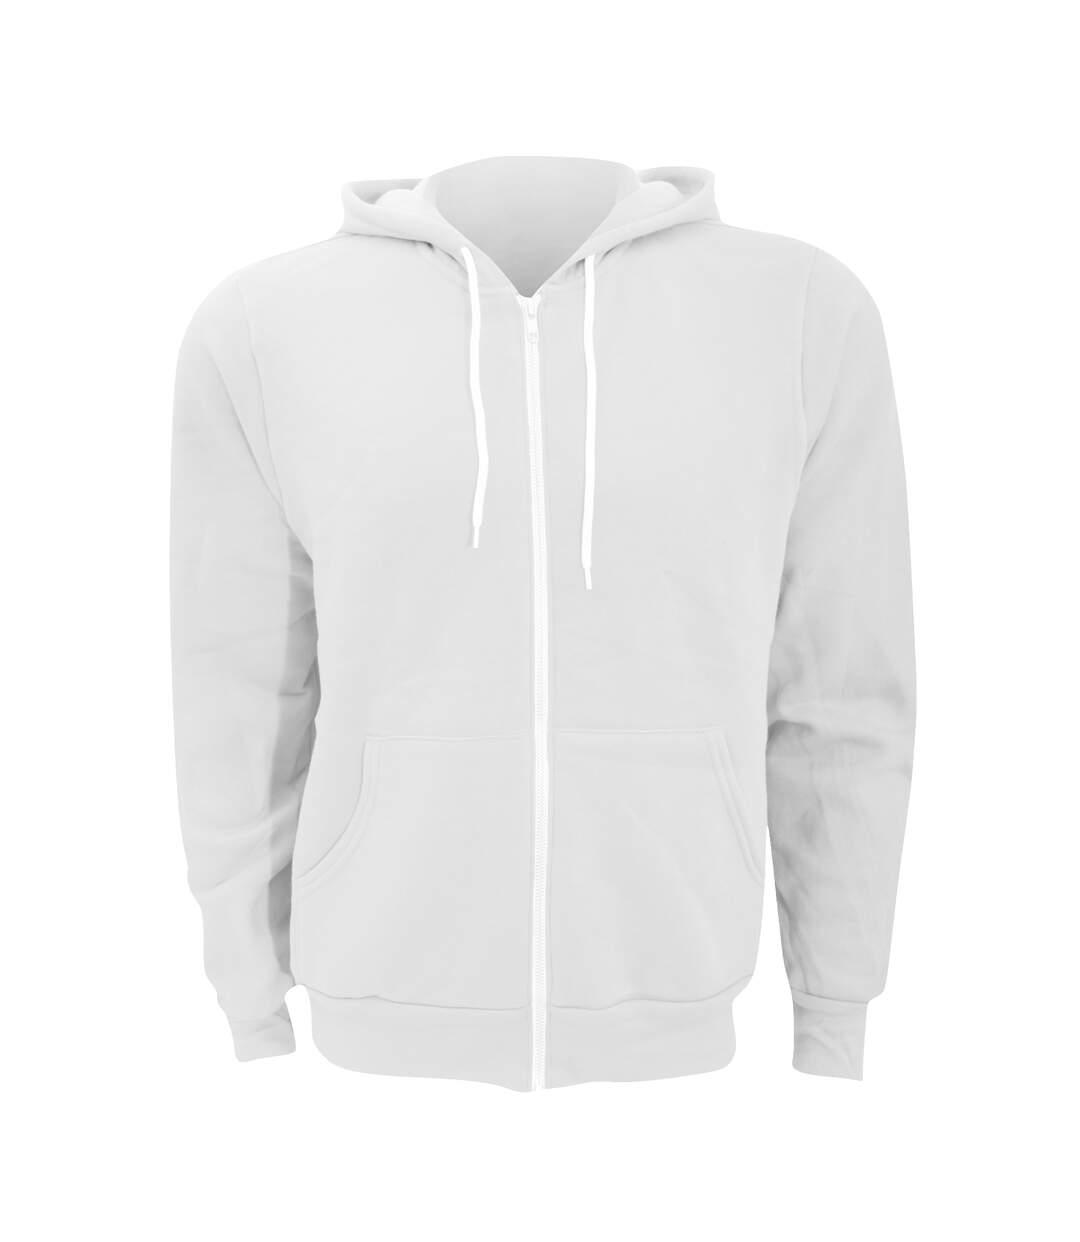 Canvas Unixex Zip-up Polycotton Fleece Hooded Sweatshirt / Hoodie (White) - UTBC1337